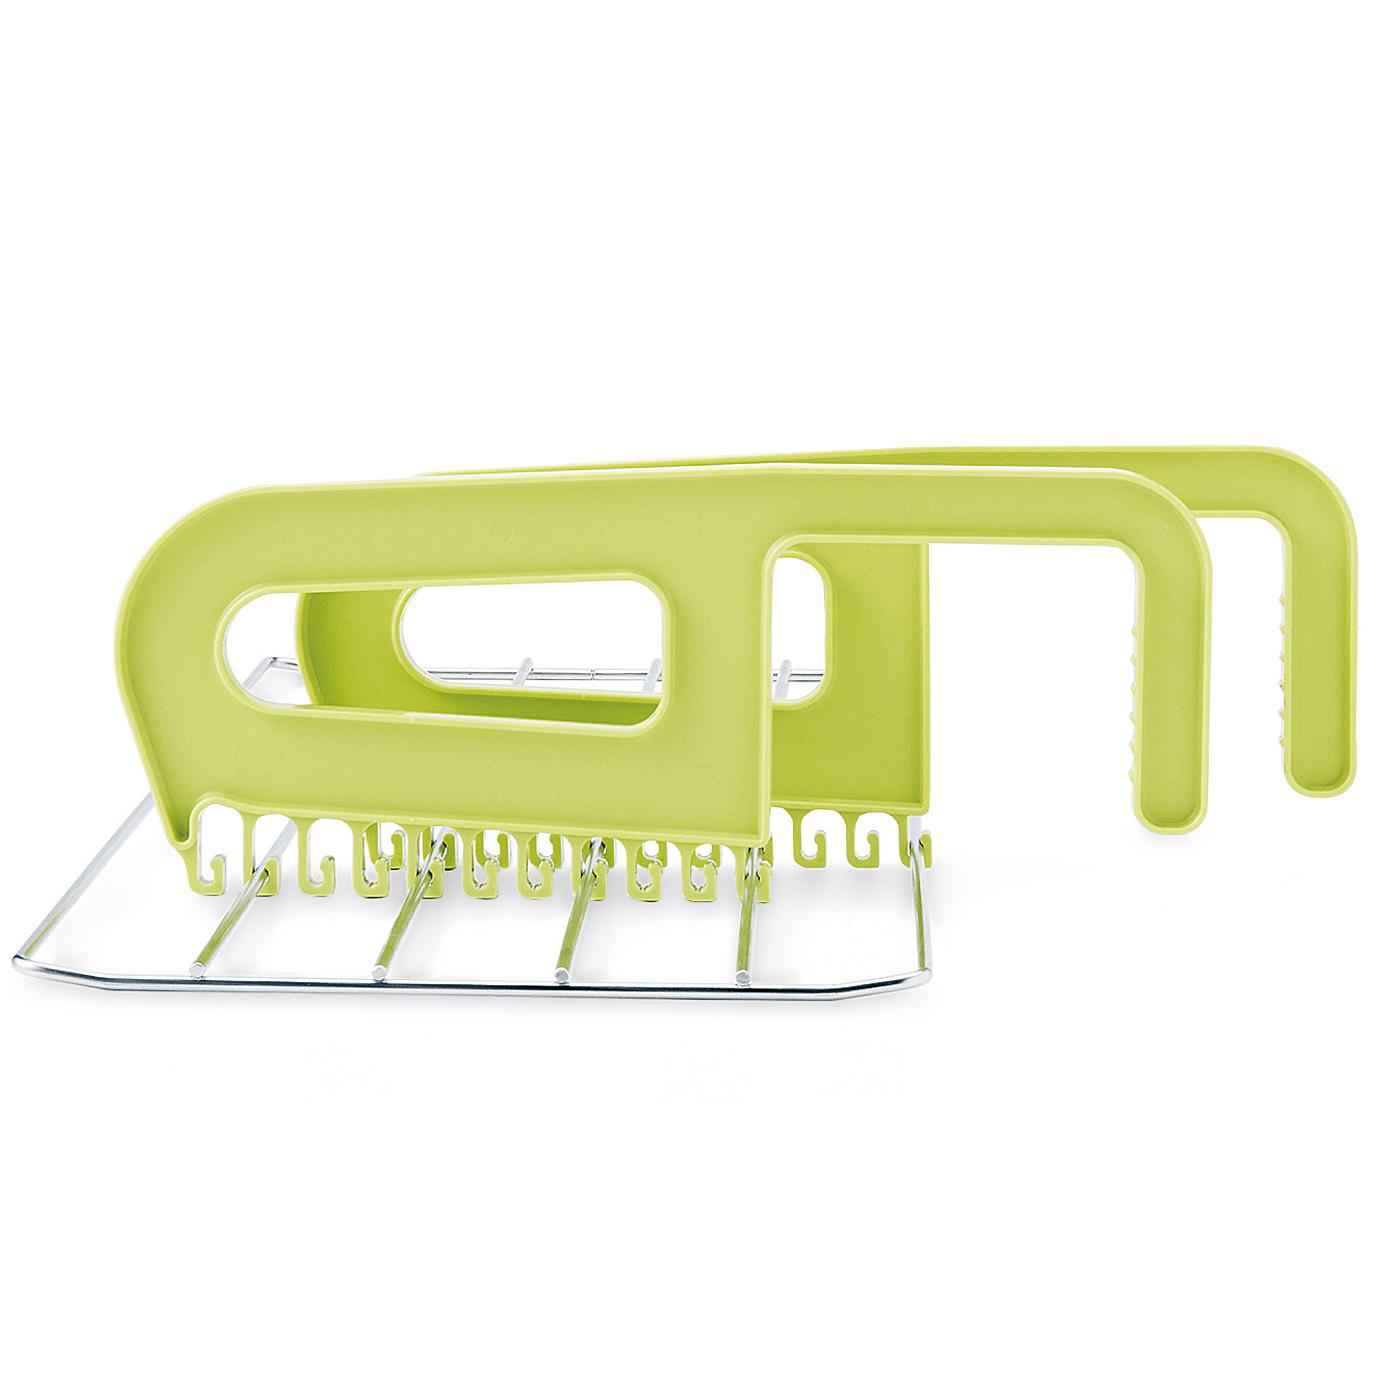 掛ける場所や幅に合わせて引っ掛け部をスライドして取り付けられます。